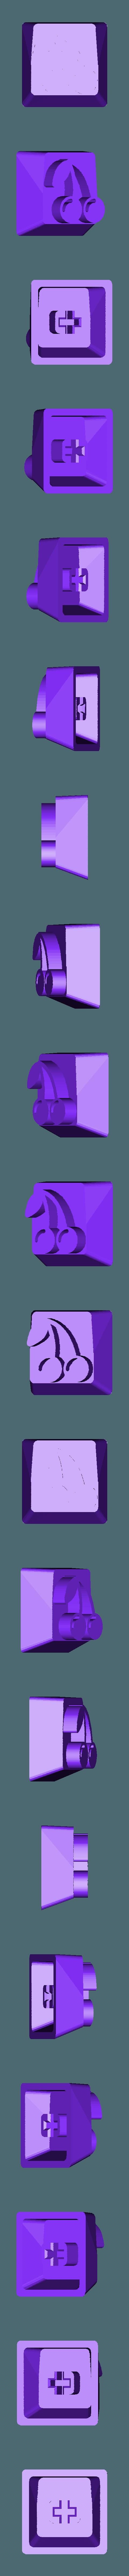 Pac-Man_-_Cherry.stl Télécharger fichier STL gratuit Pac-Man Cherry MX Keycaps • Objet à imprimer en 3D, FedorSosnin